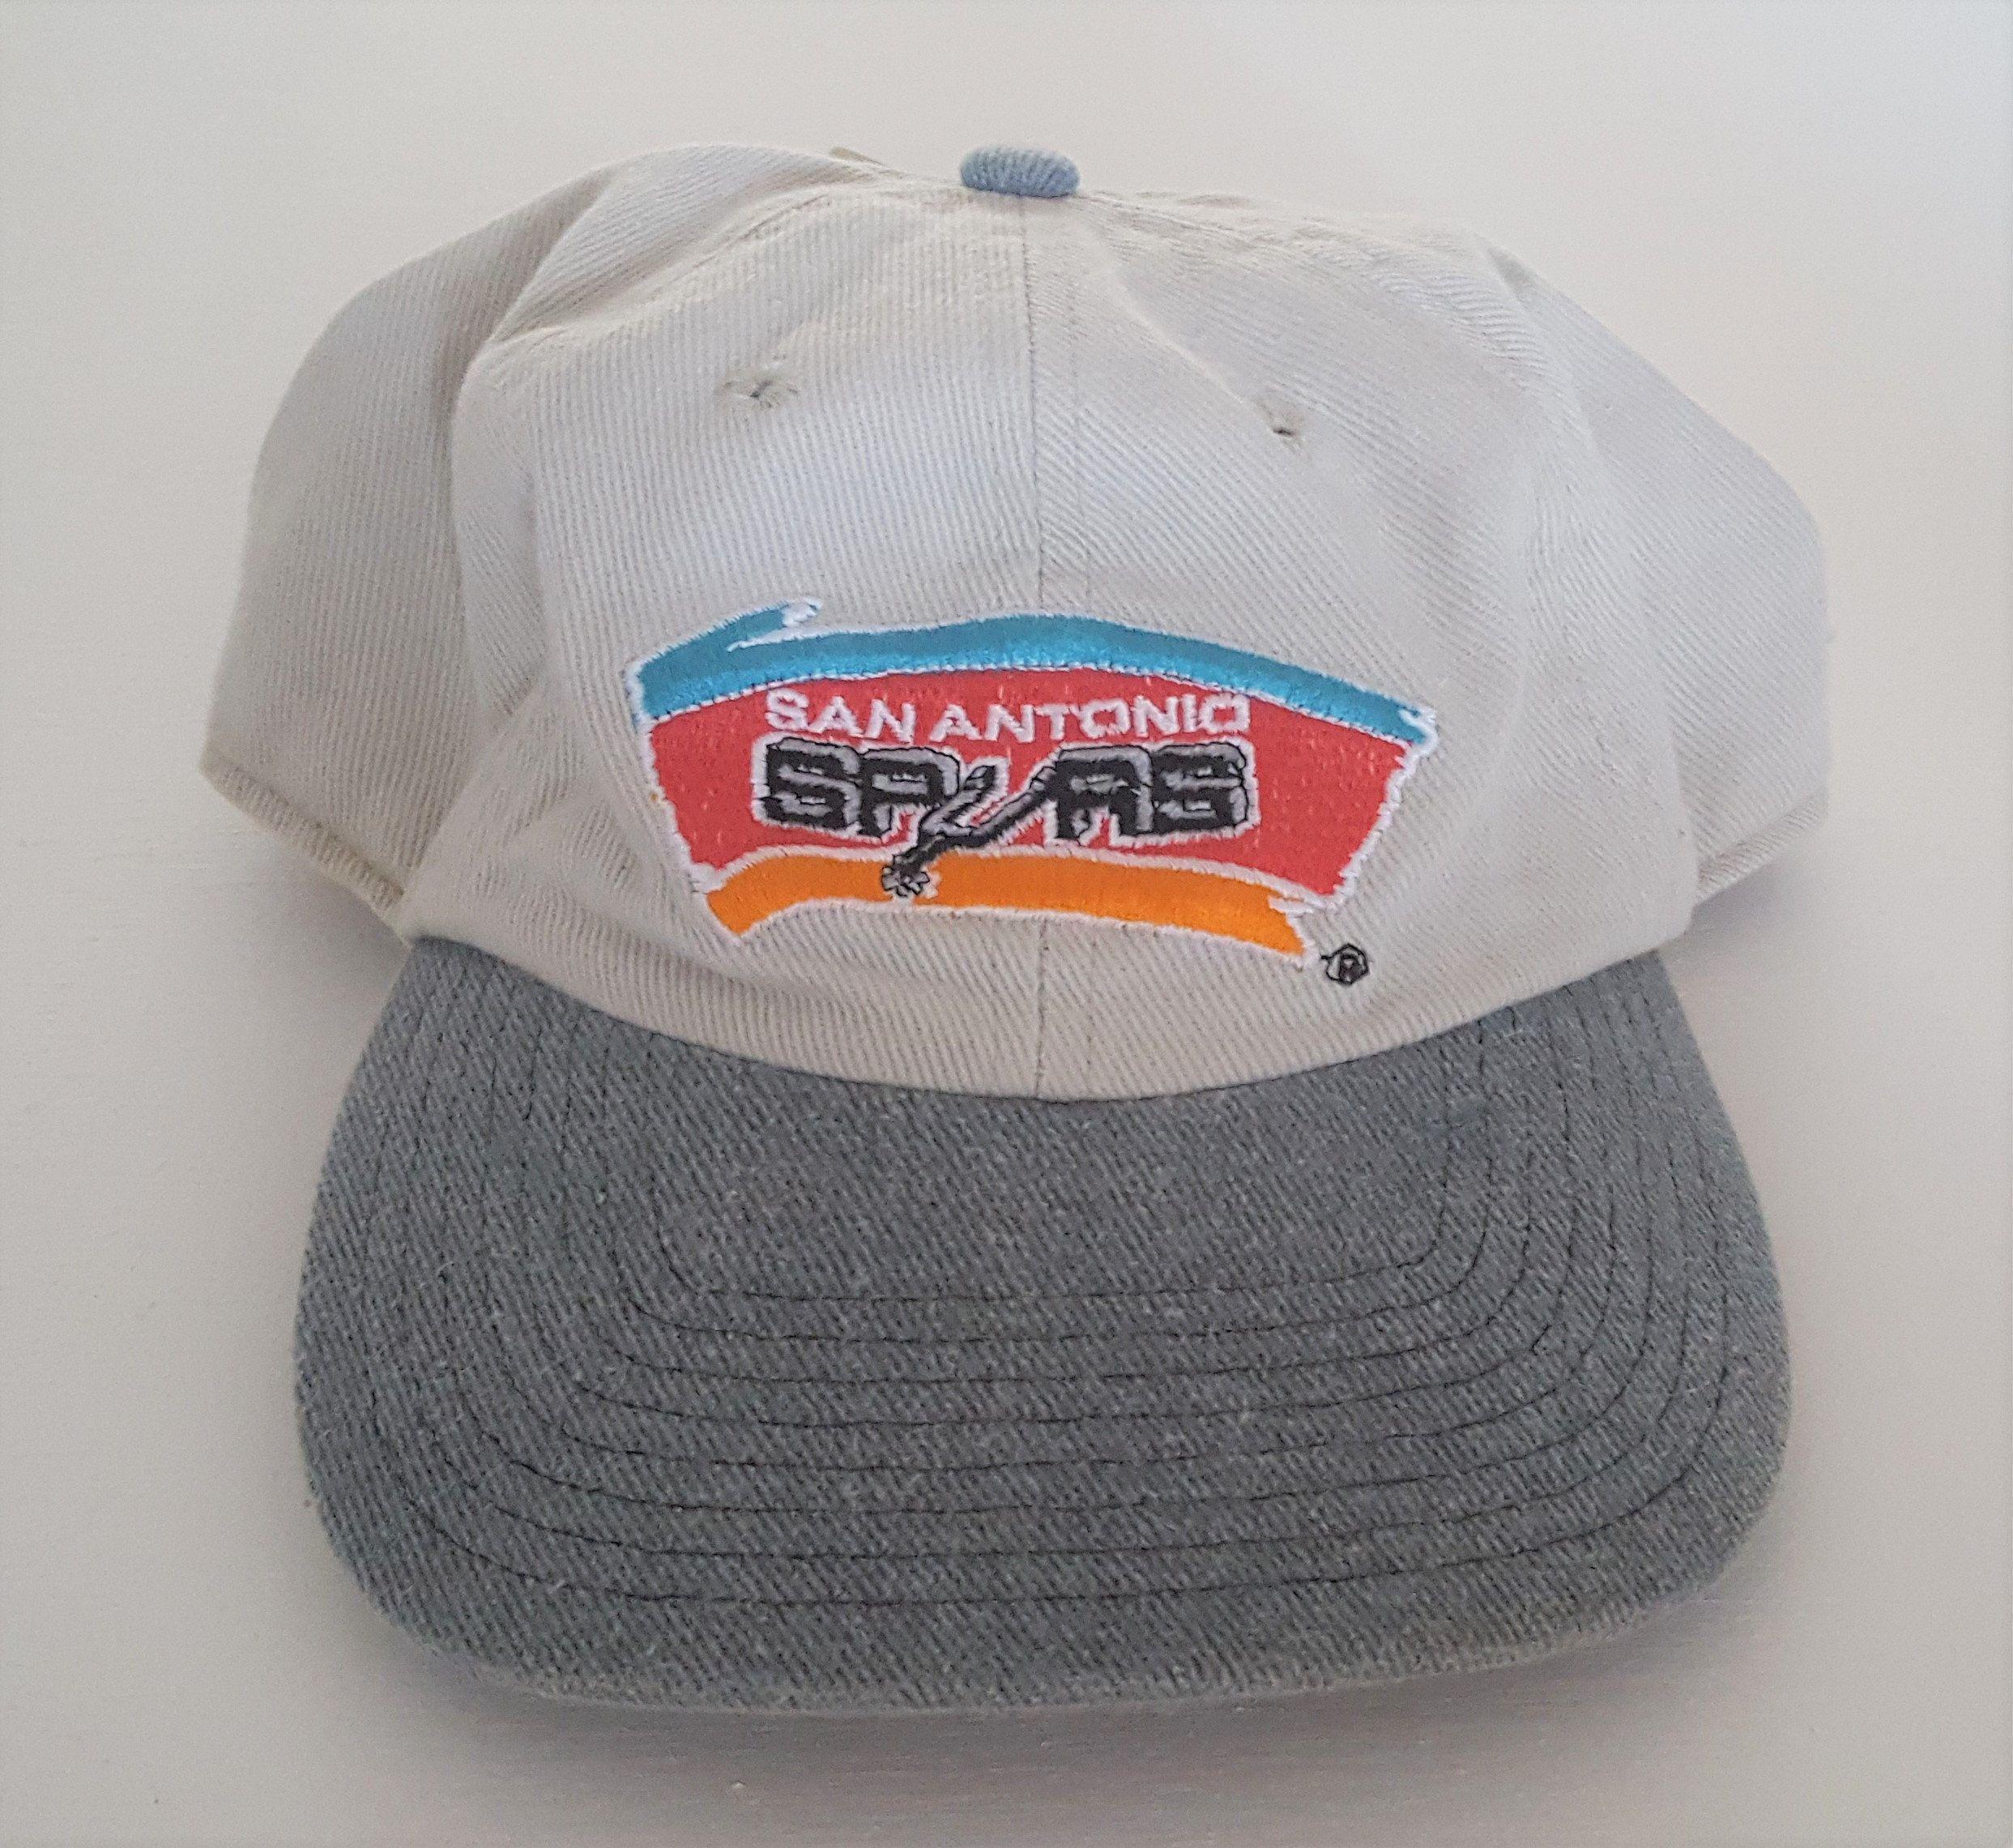 98a531af206 Vintage San Antonio Spurs Deadstock Strapback Hat NBA VTG by  StreetwearAndVintage on Etsy